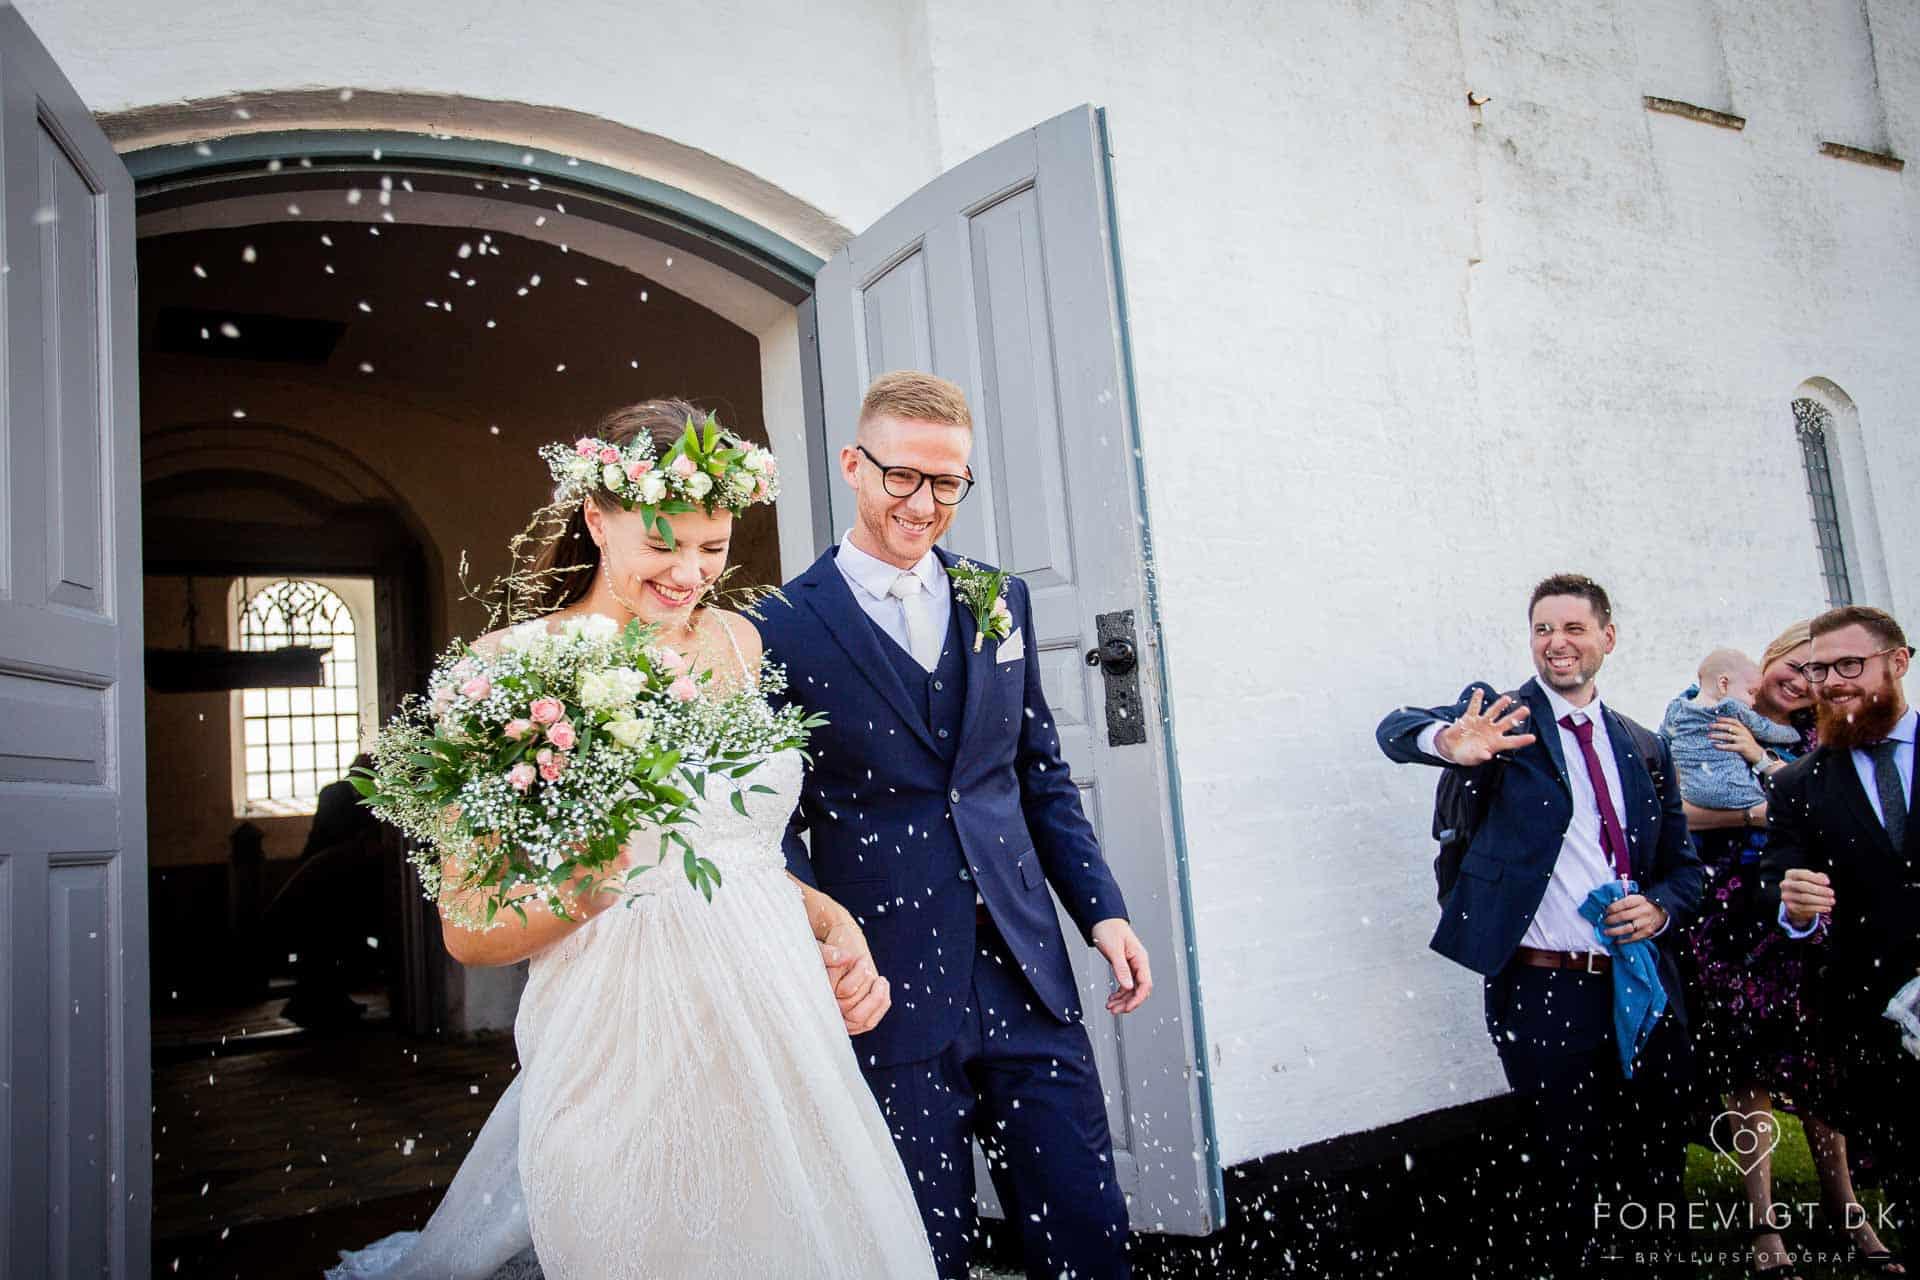 Lej kirken til borgerligt bryllup   Fyn